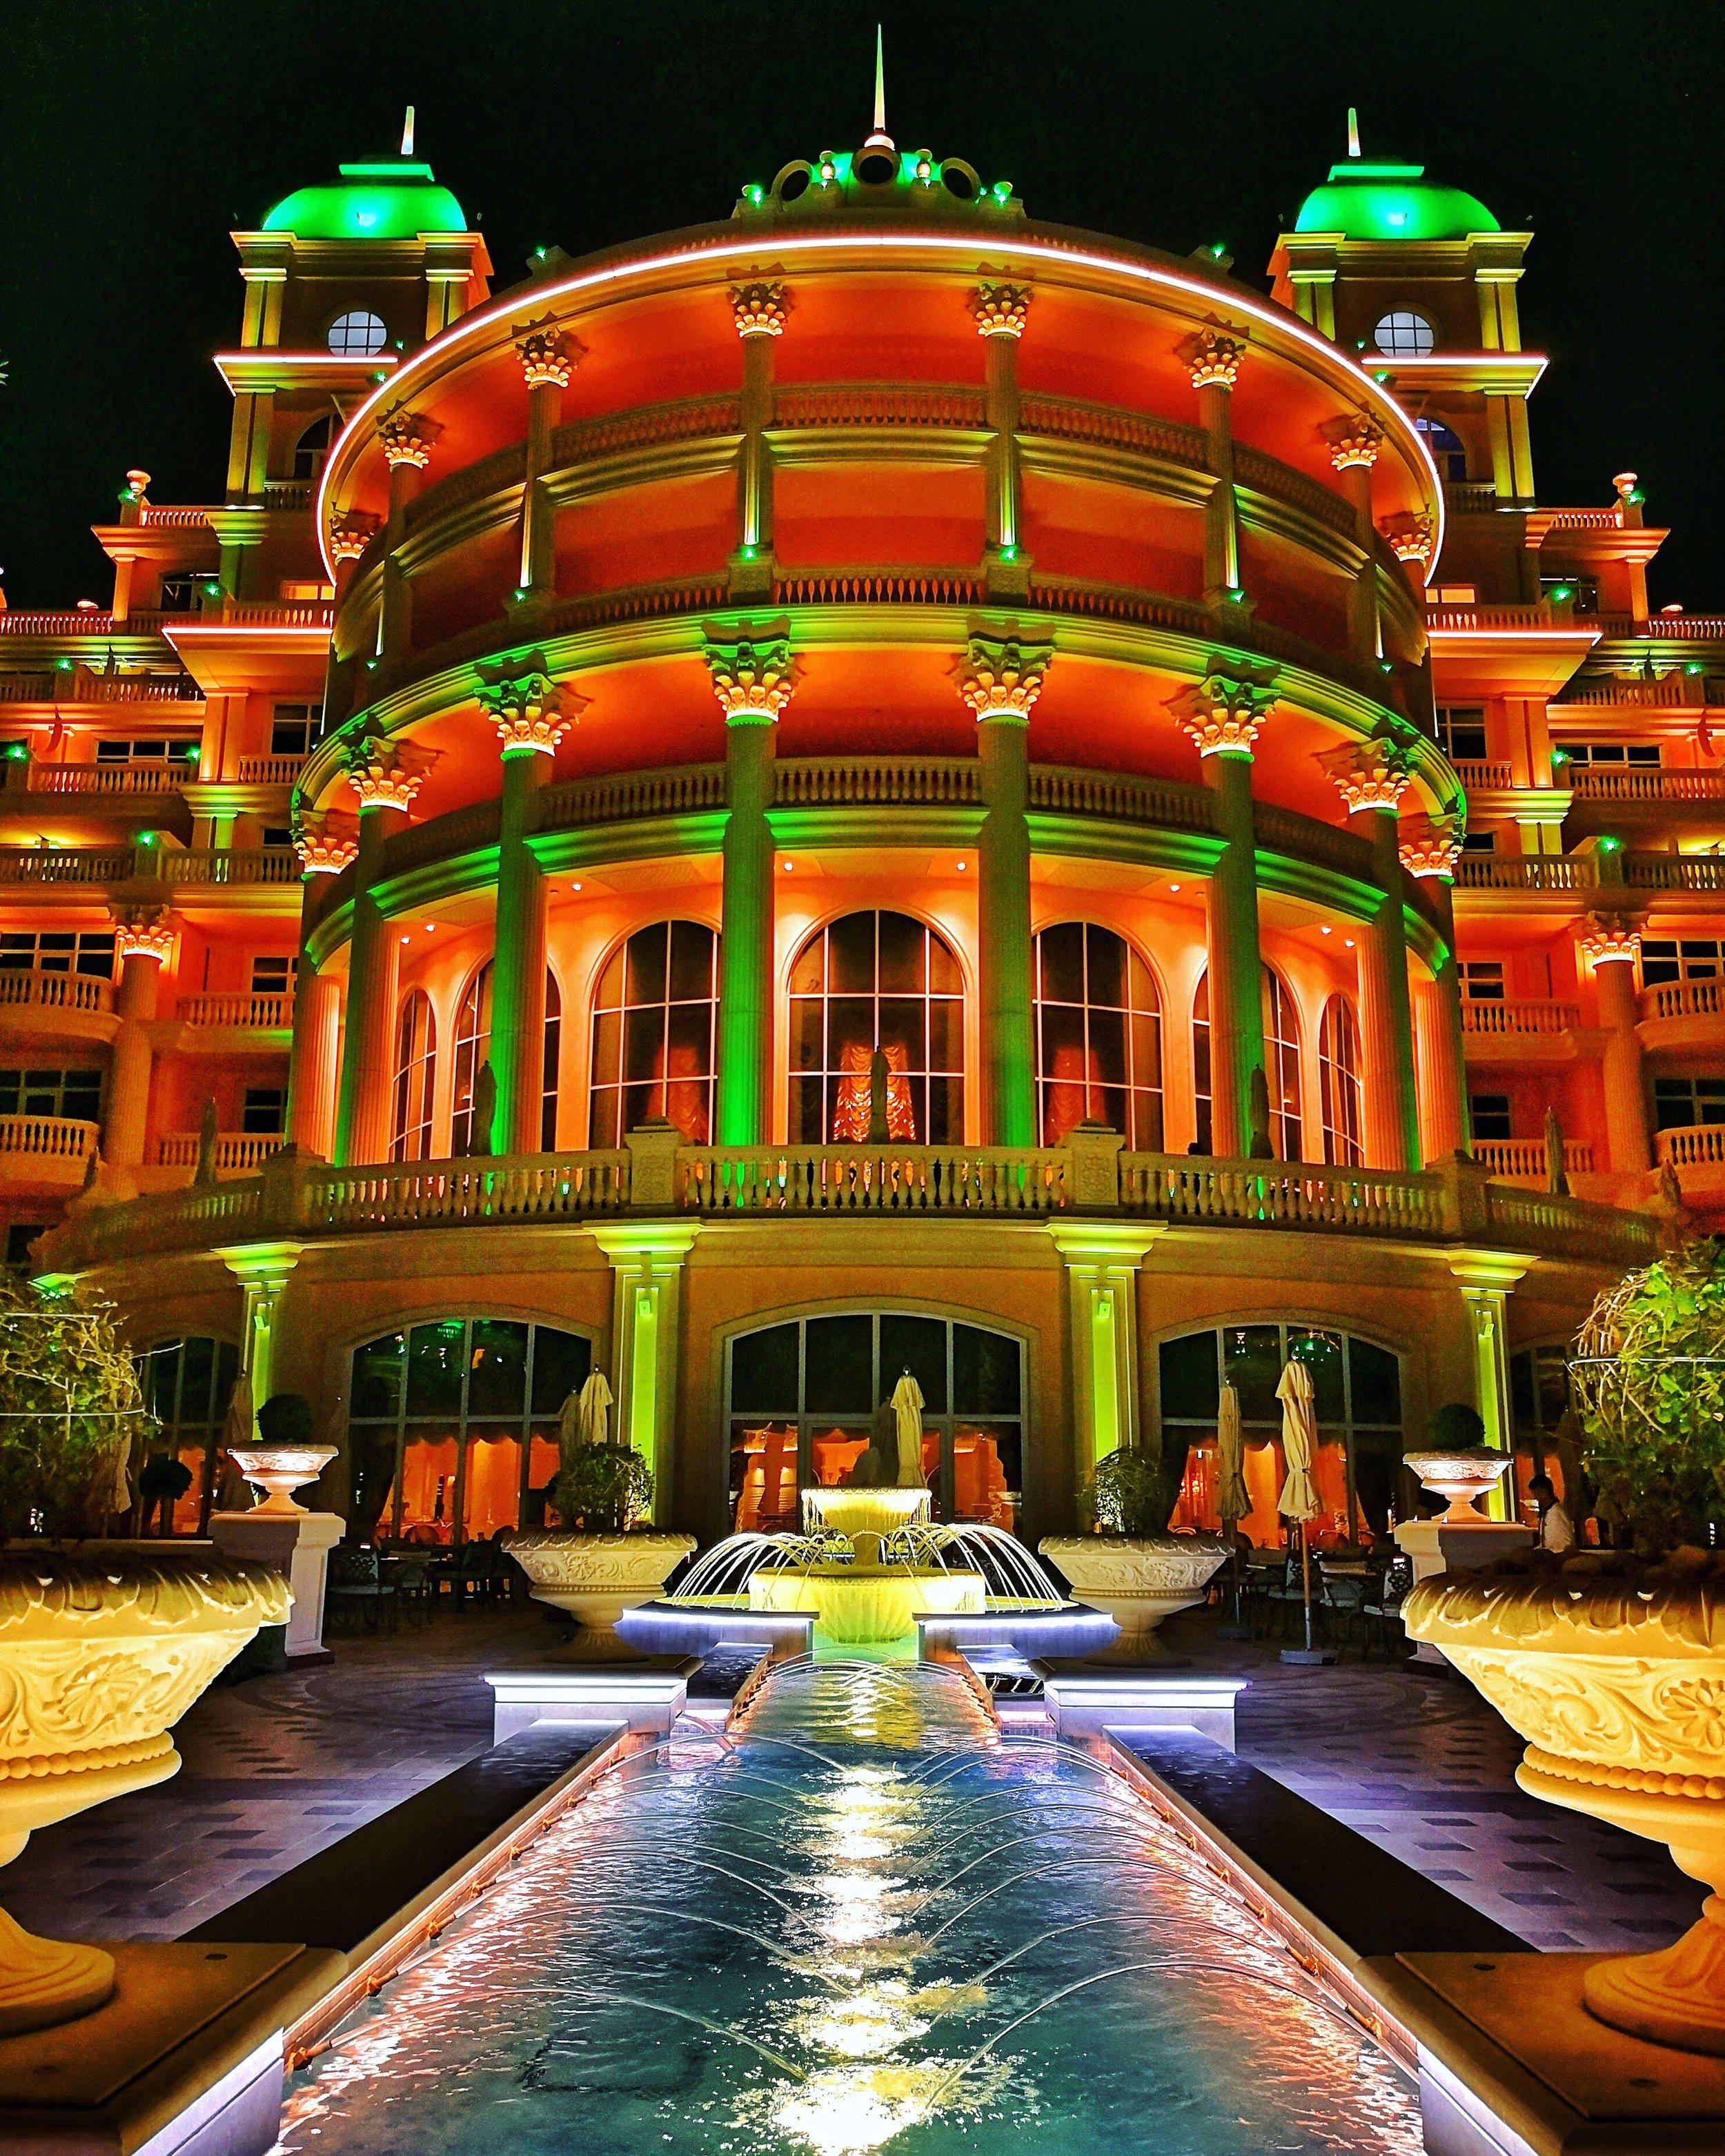 Emerald Palace Kempinski - Stunning By Day, Astonishing By Night.